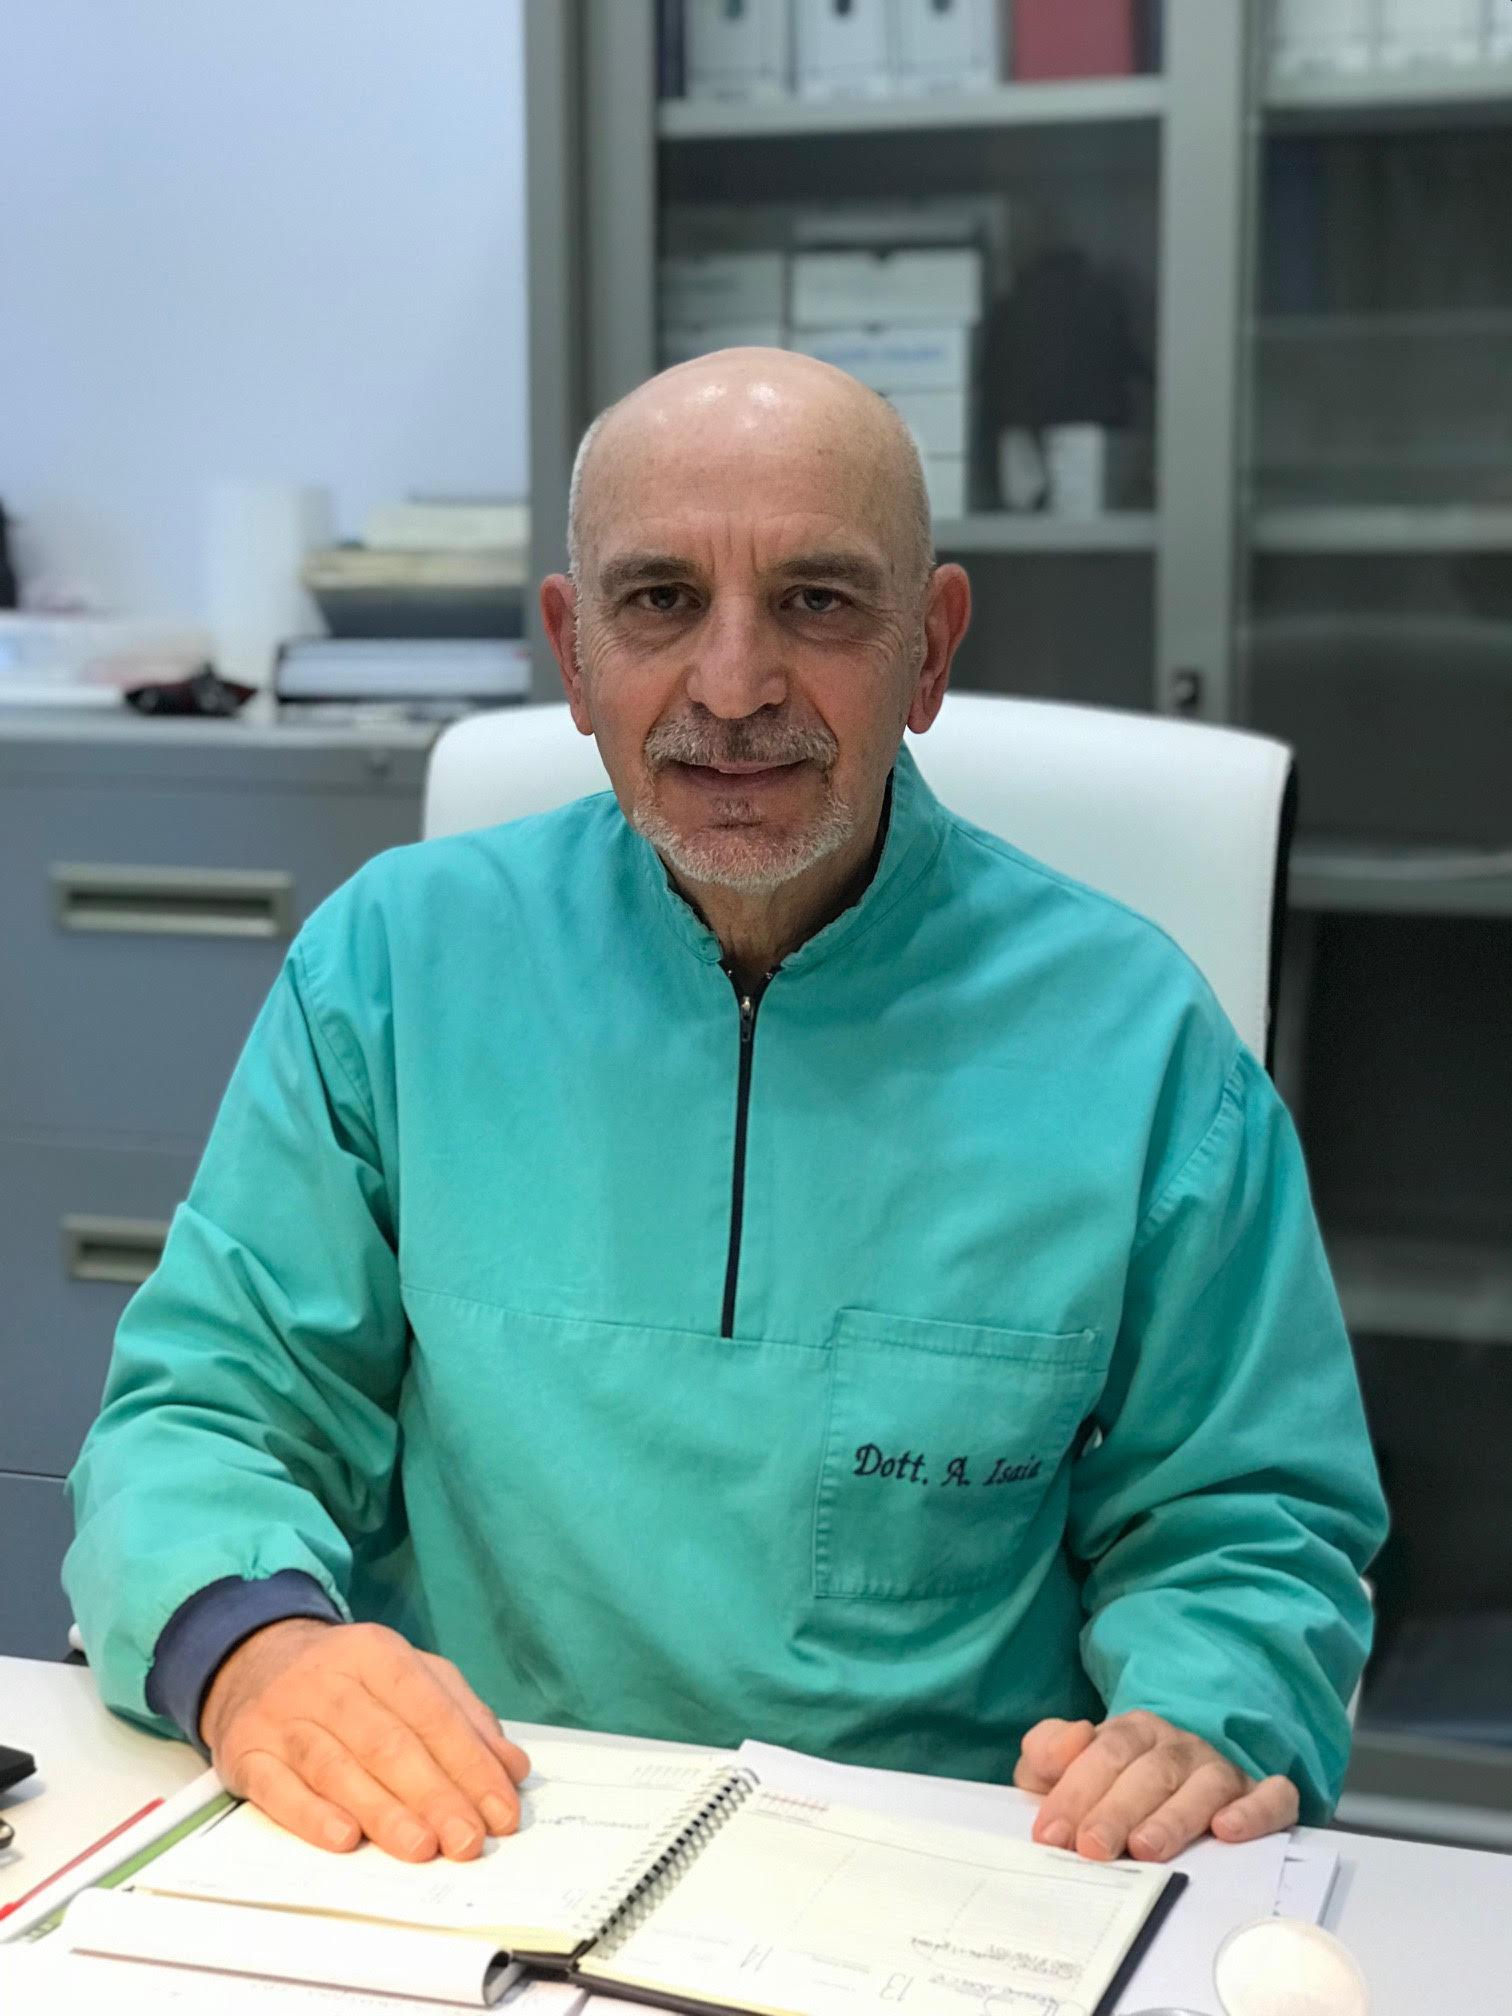 Dott. Arturo Isaia.